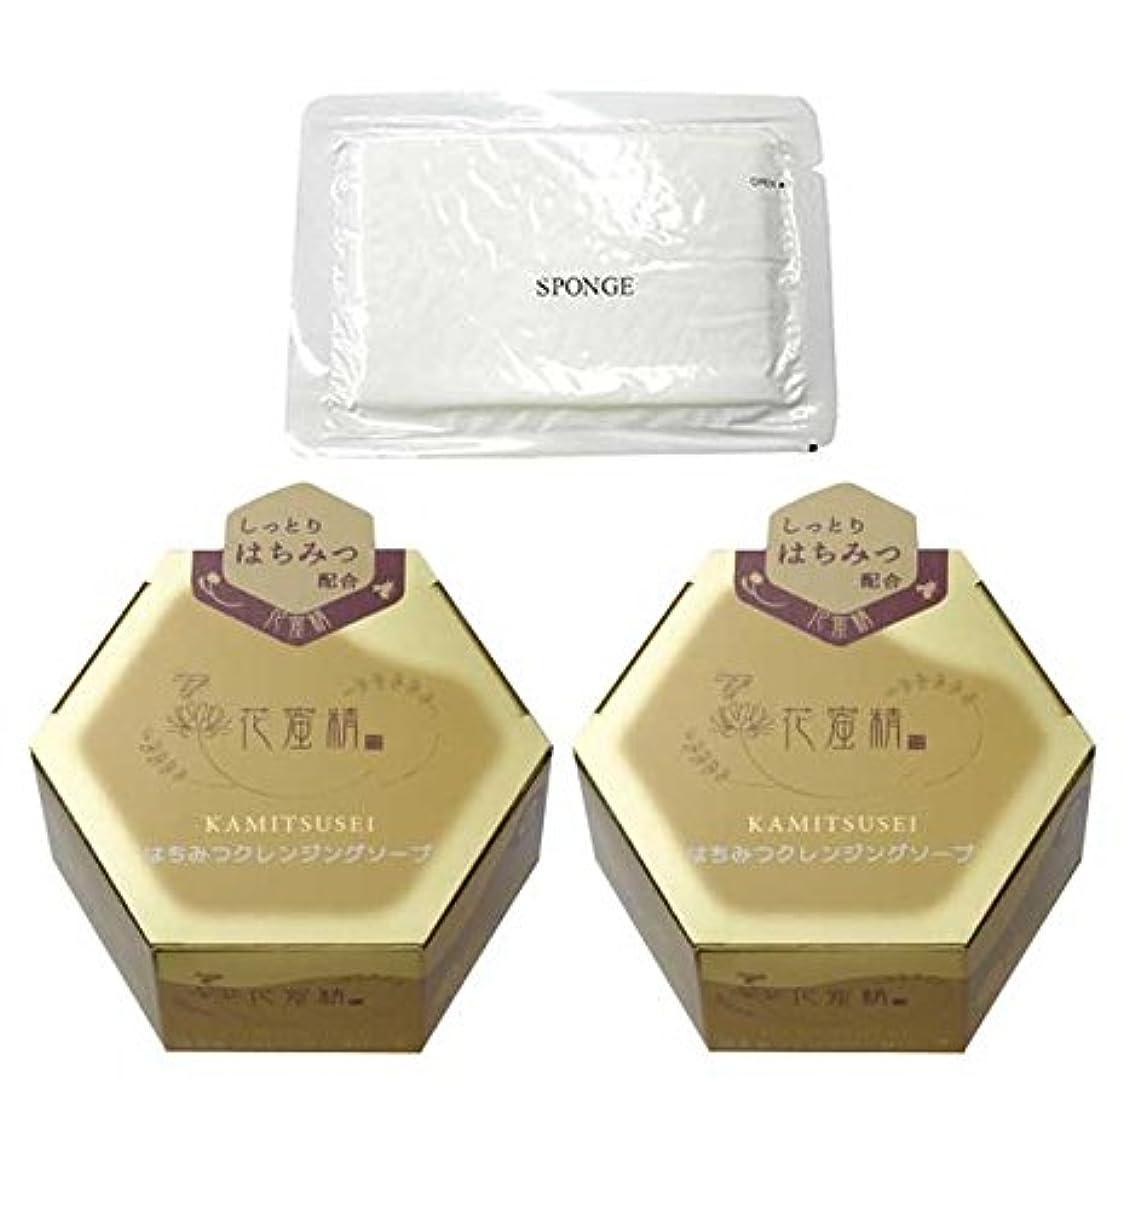 裏切りビリー無限花蜜精 はちみつクレンジングソープ 85g 2個 + 圧縮スポンジセット